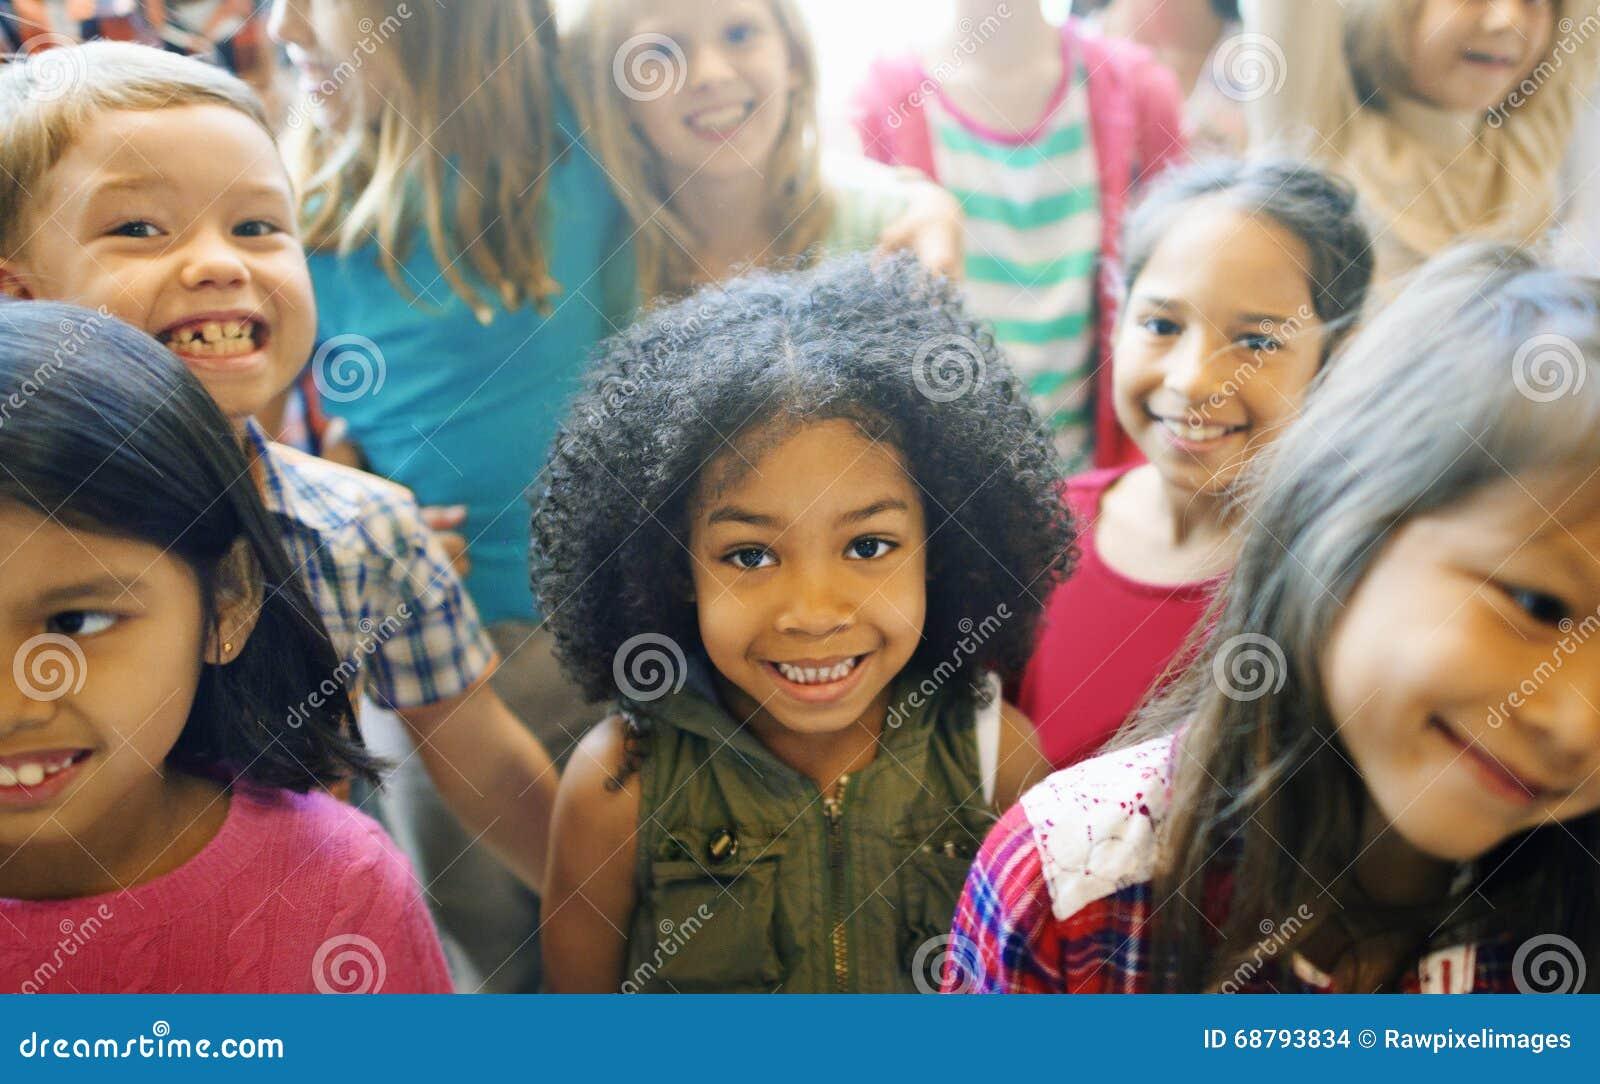 School Children Cheerful Variation Concept